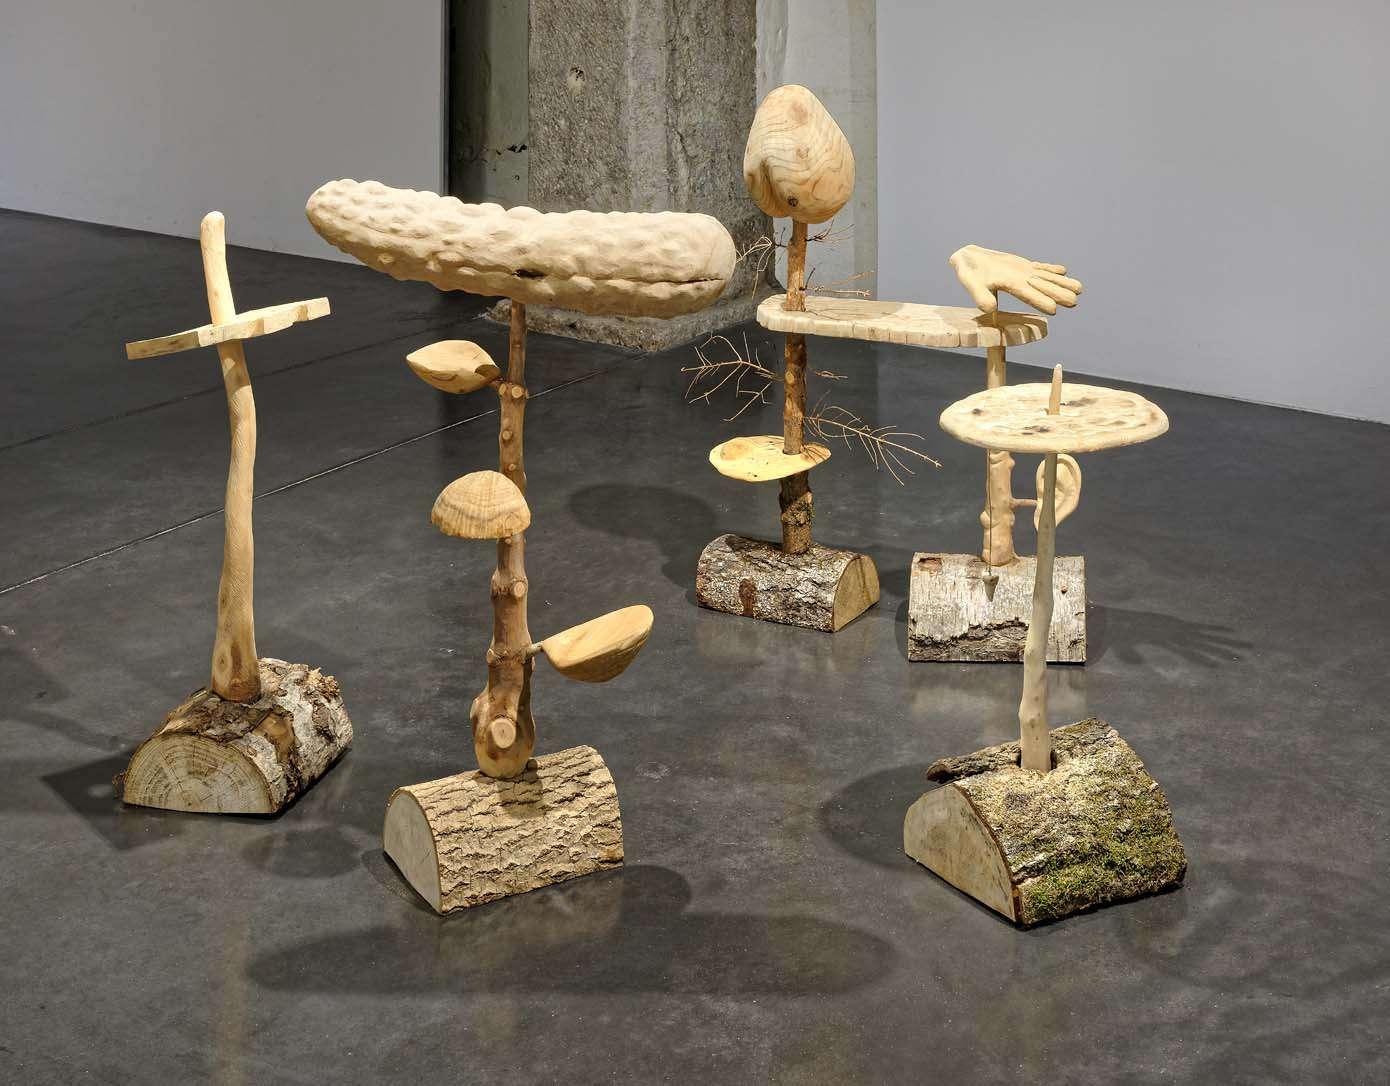 Laurent Le Deunff Animaux fabuleux, créatures imaginaires La Halle des bouchers, centre d'art contemporain, Vienne (FR) 16 mars  — 22 septembre 2019